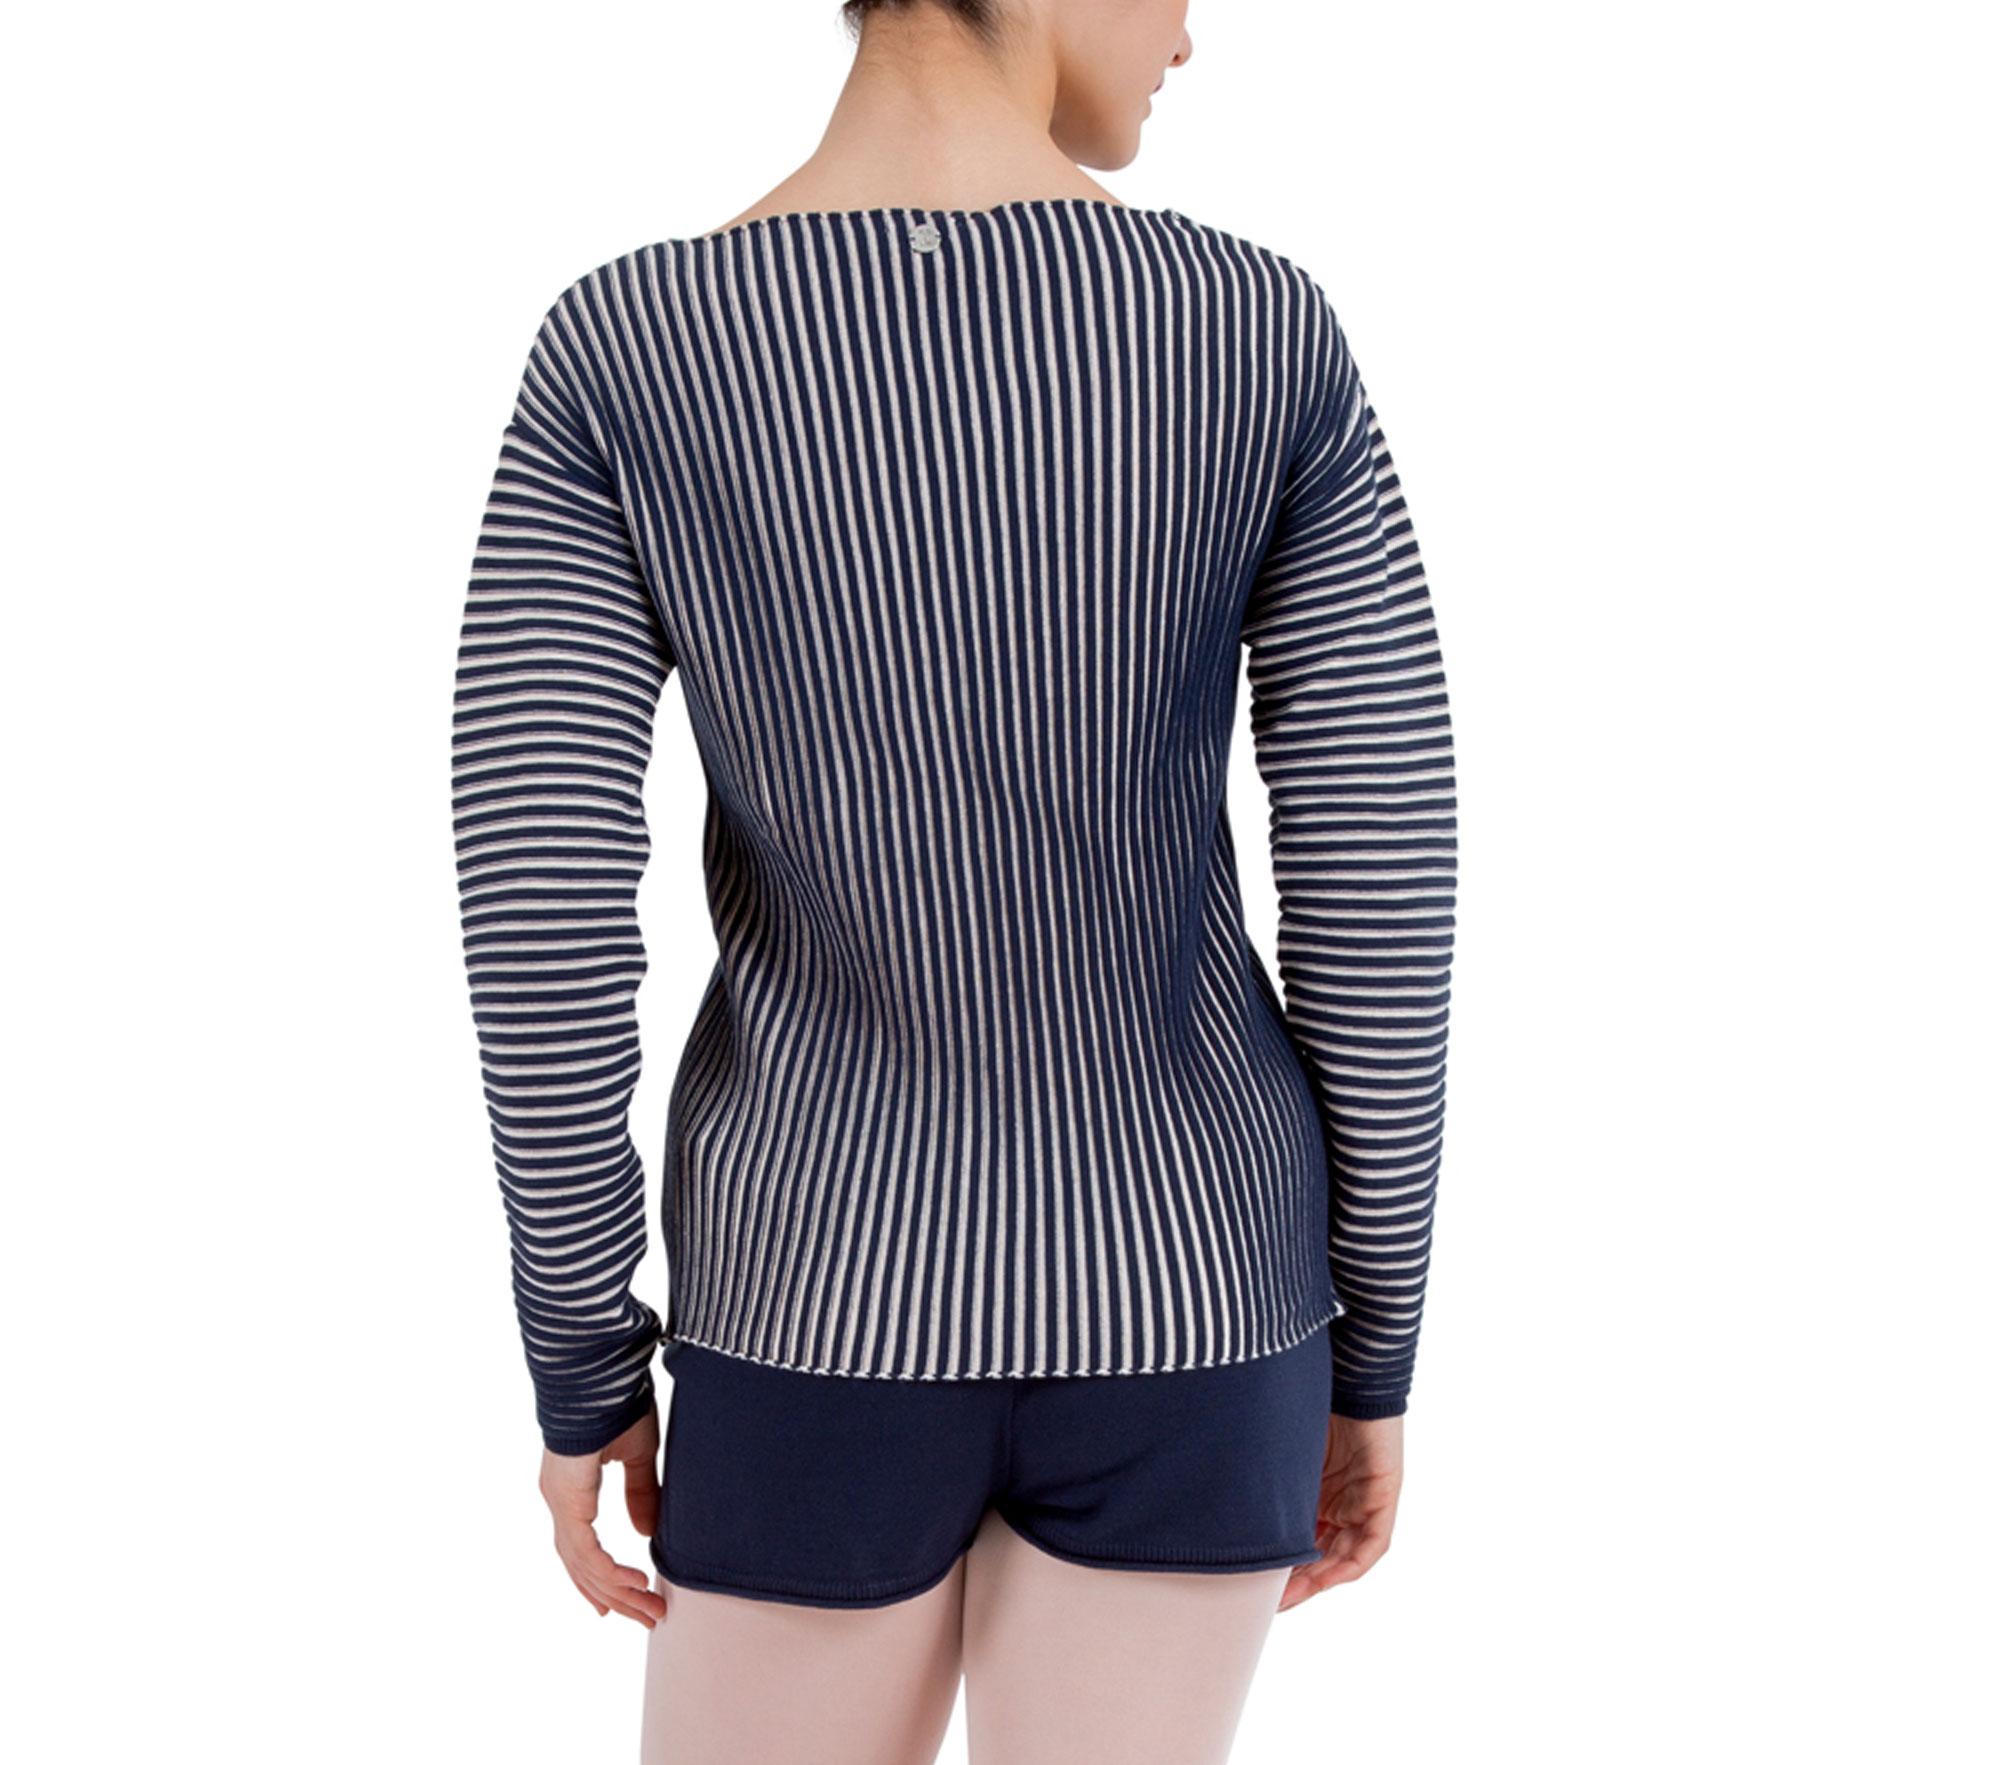 Mesh Sweater Zweifarbiger Rippstrick